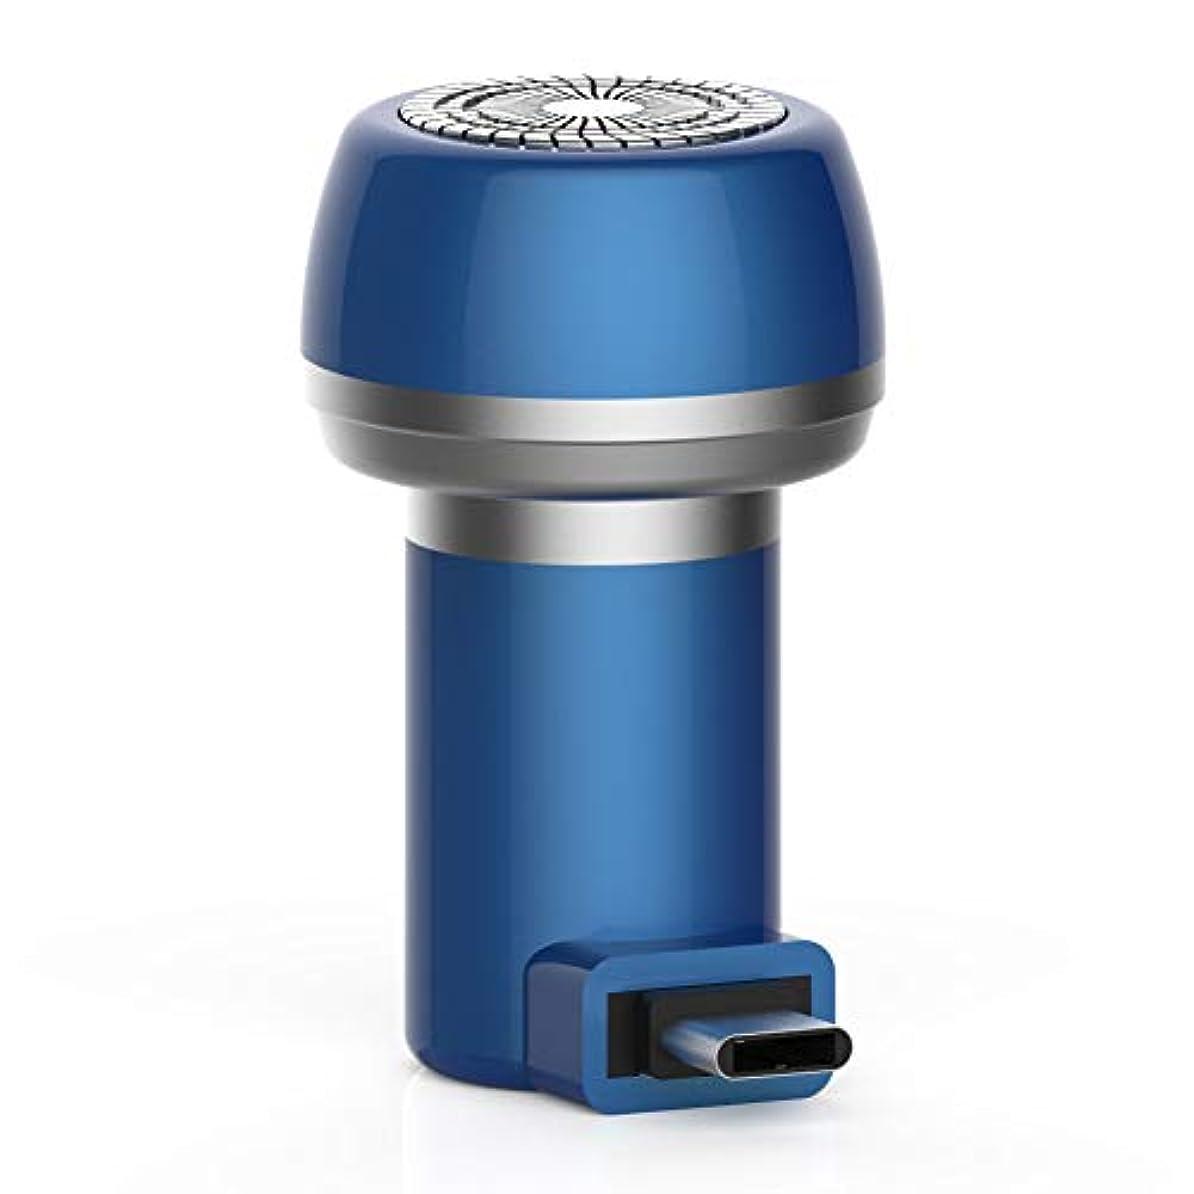 国際贅沢な事実上Beaurtty 2 1磁気電気シェーバーミニポータブルType-C USB防水剃刀